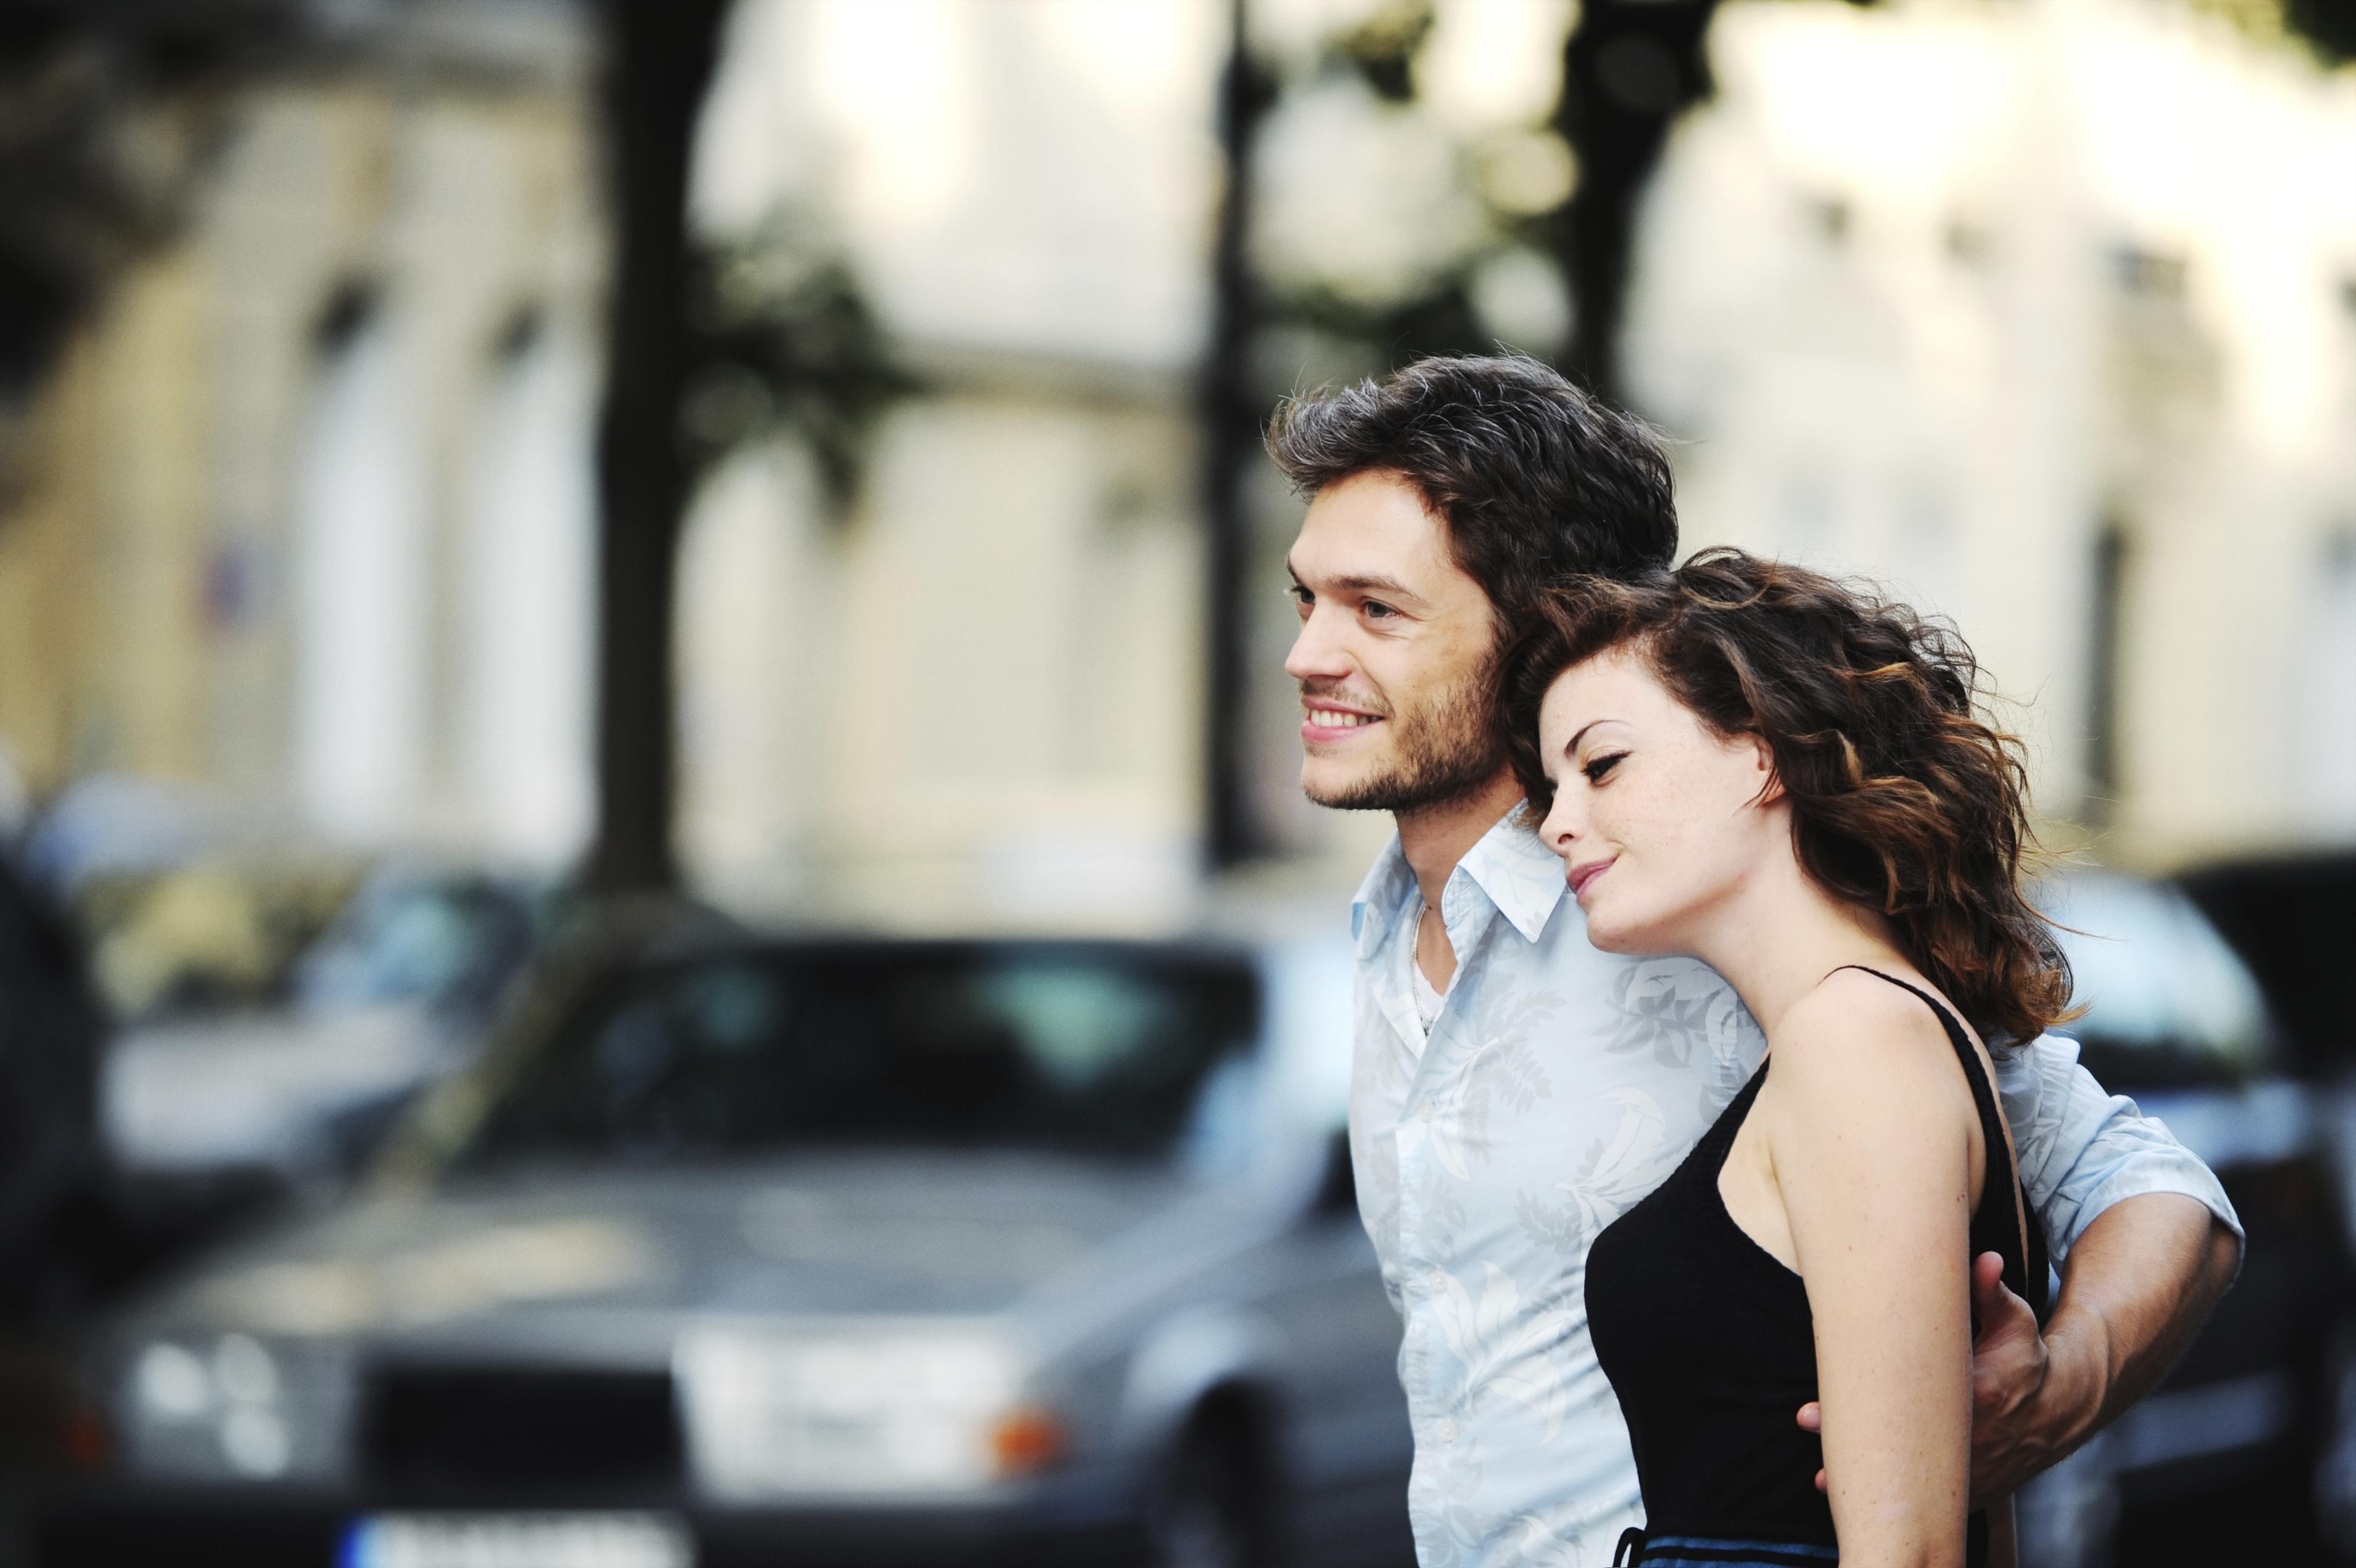 Чому дорослим чоловікам так подобаються 18-річні дівчата